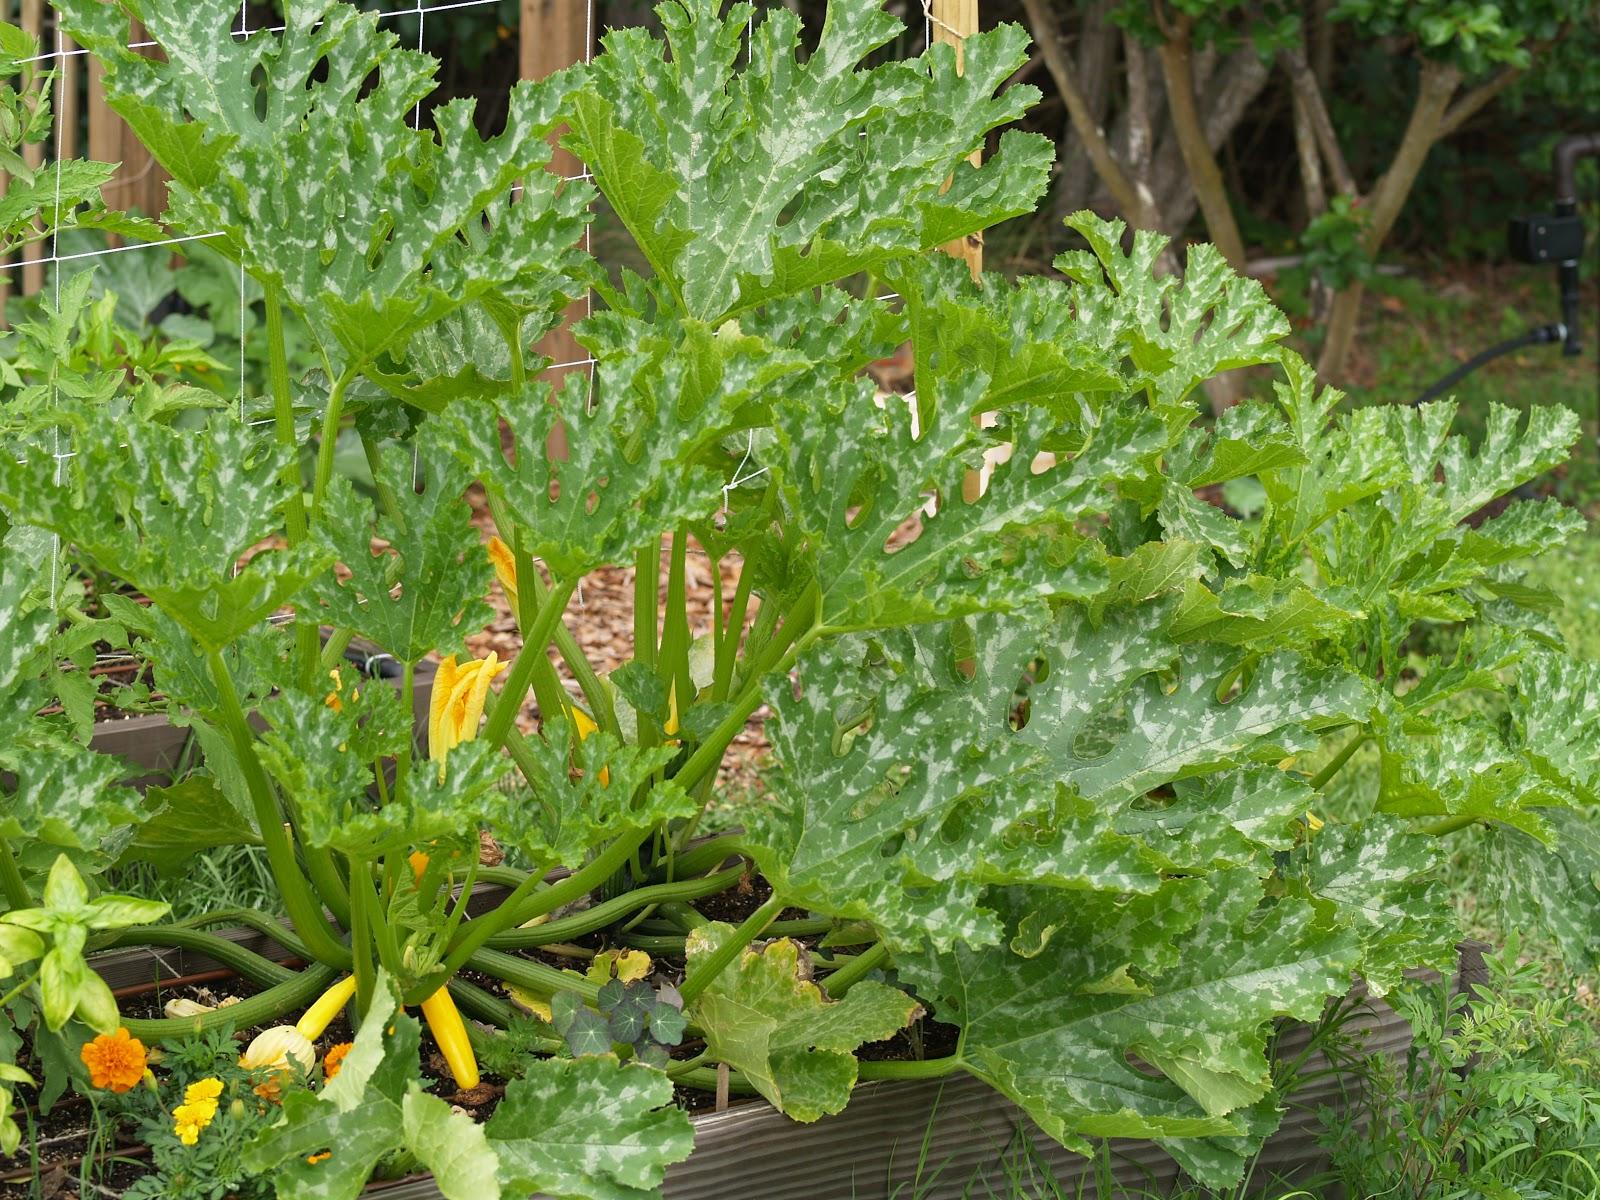 gardening in winter garden invasion of the pickleworms